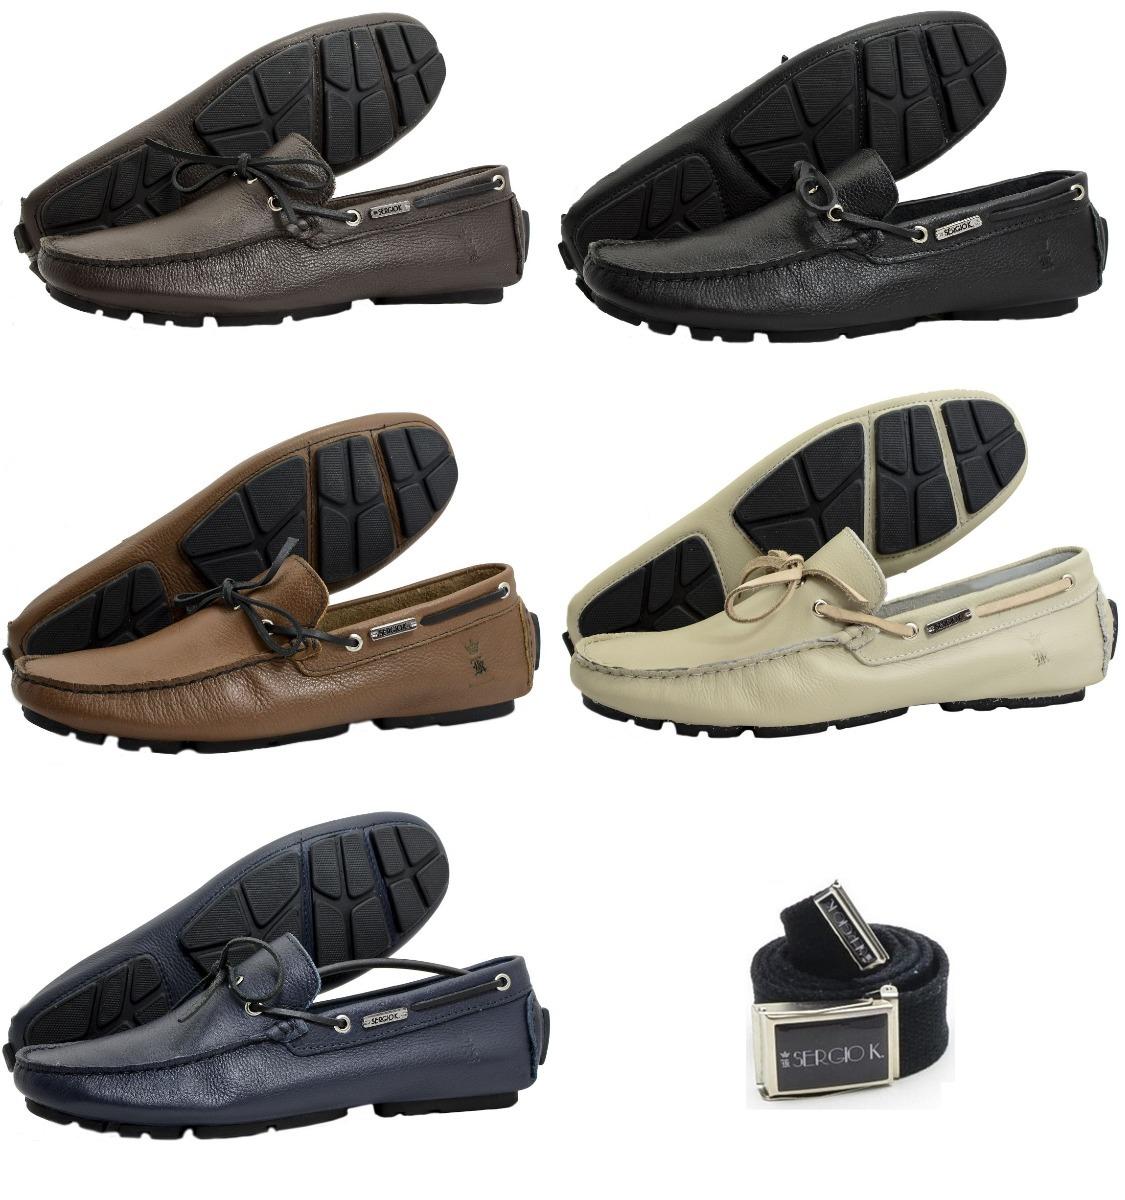 f4dd3e74a4 mocassim masculino sapatos tenis sapatenis sergio k origina. Carregando  zoom.